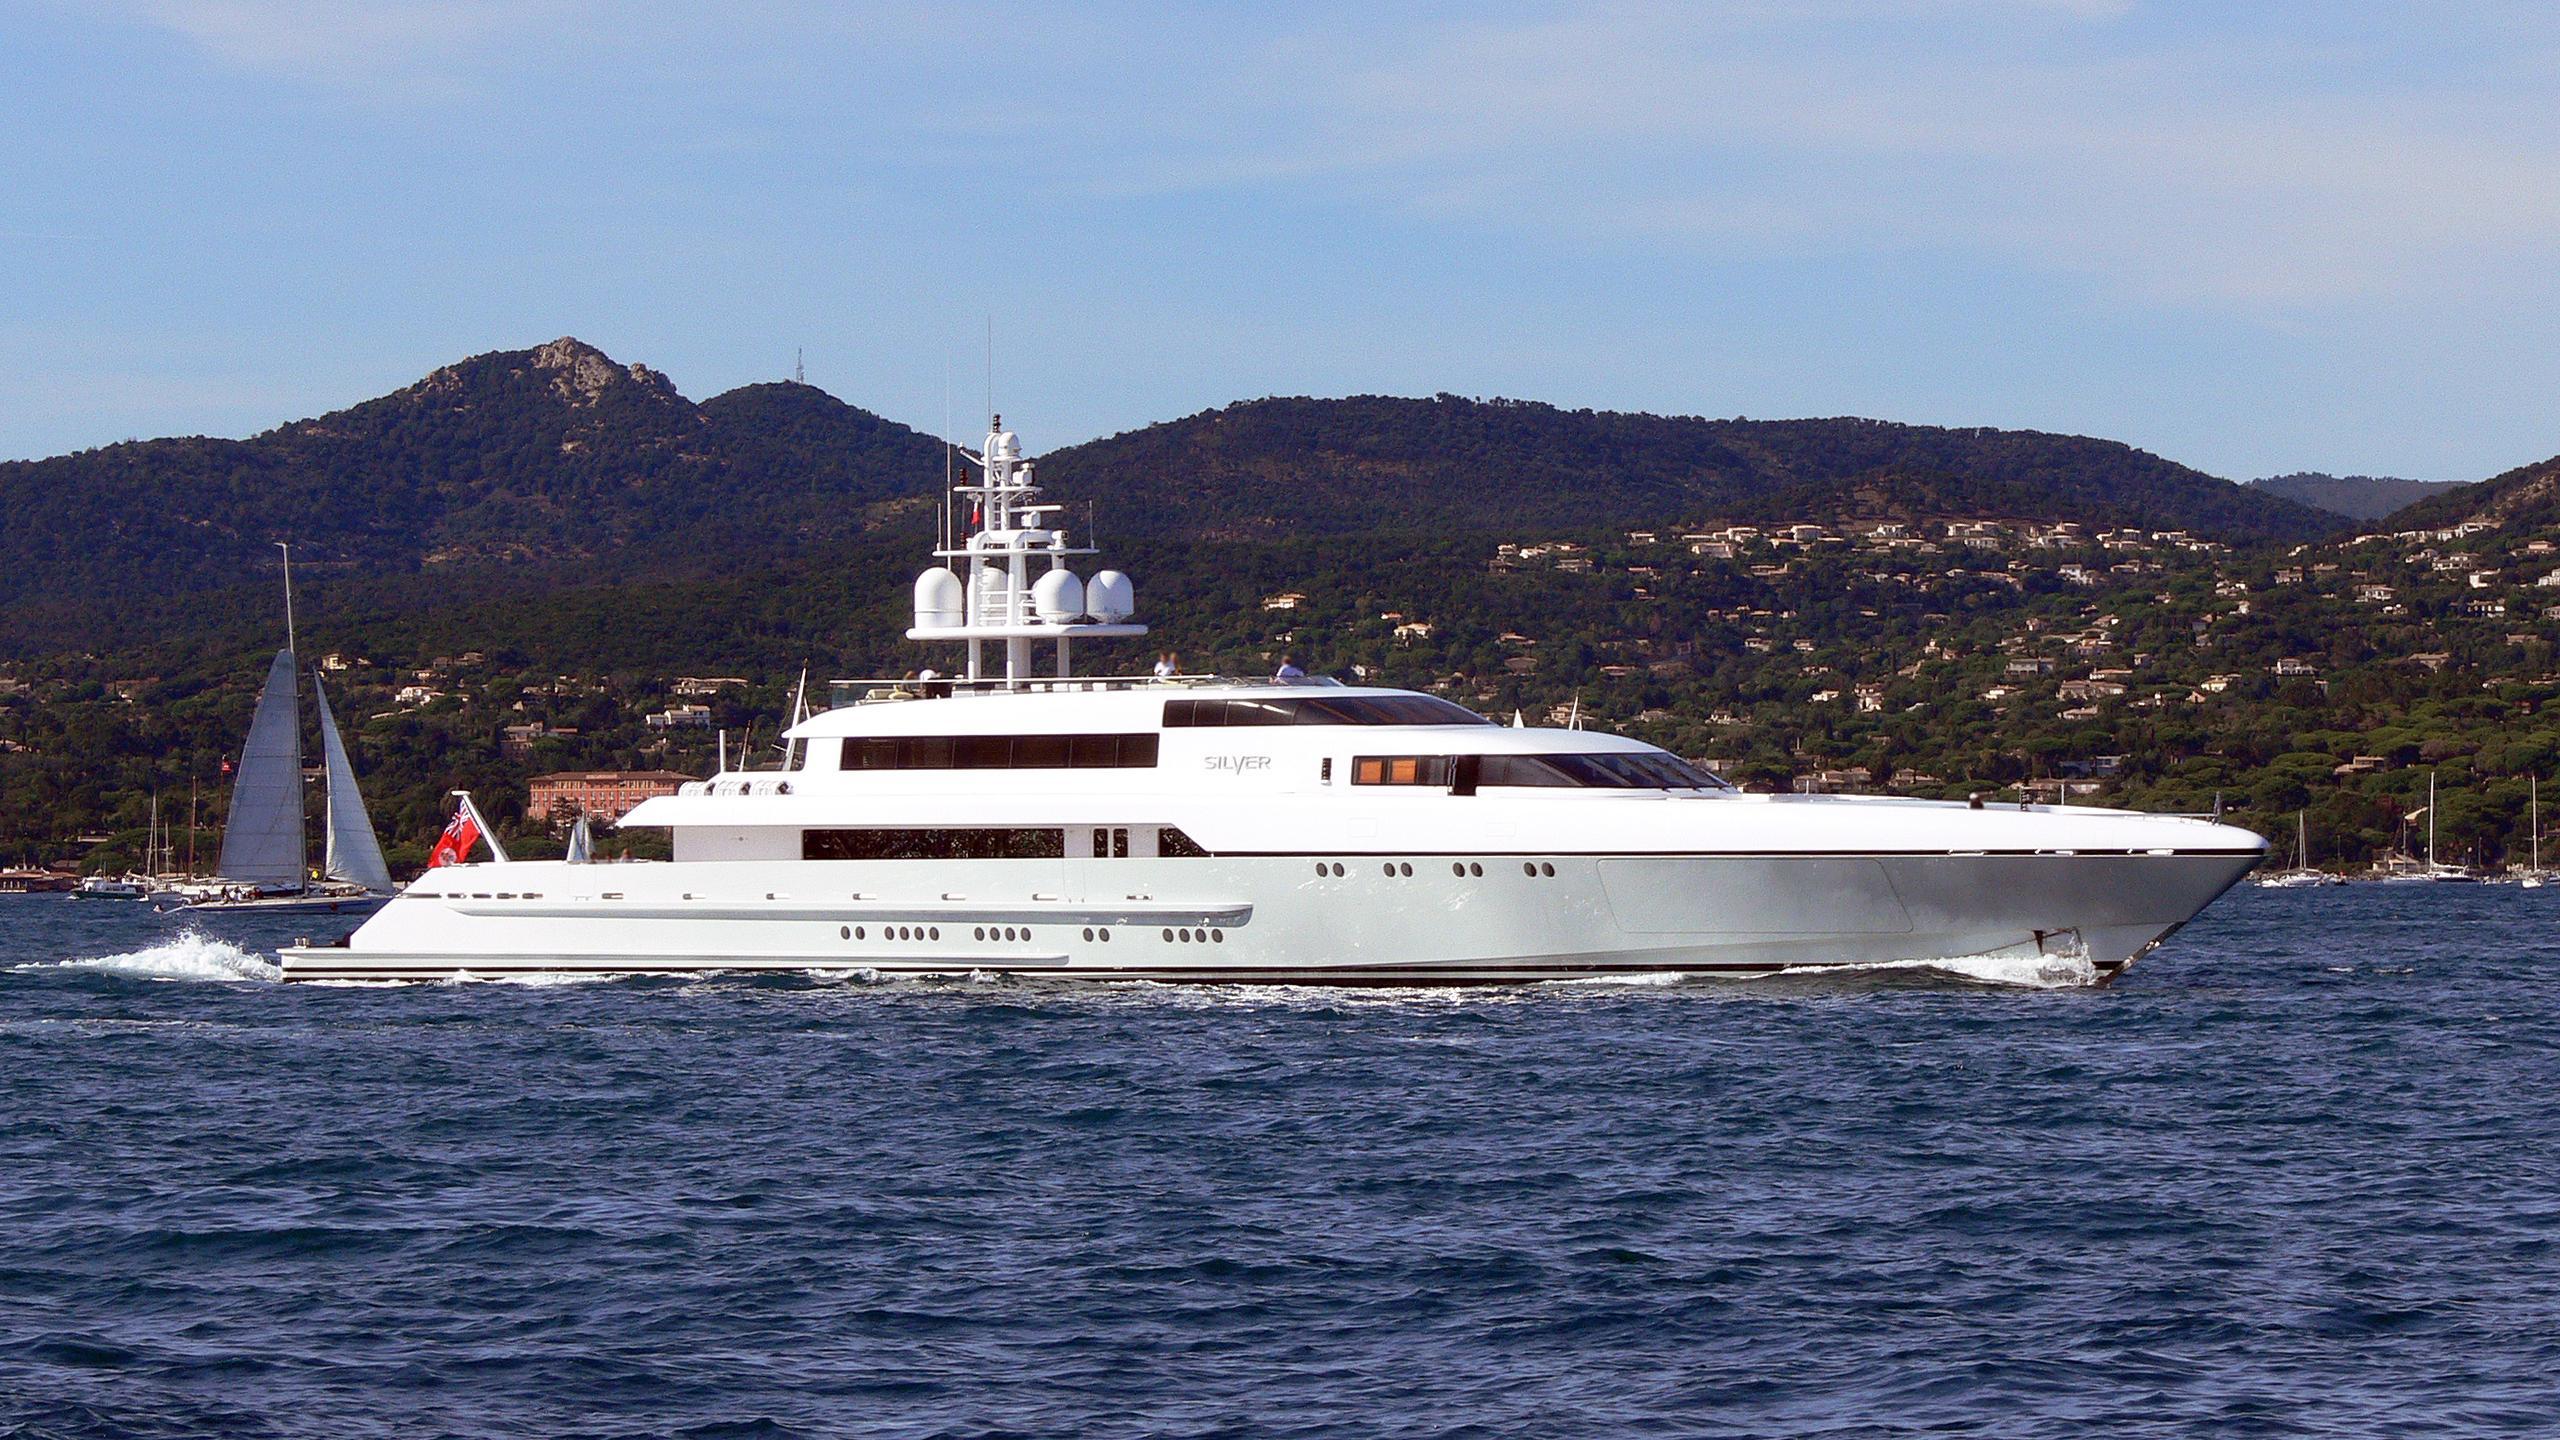 rabdan-motor-yacht-silver-2007-73m-profile-crusiing